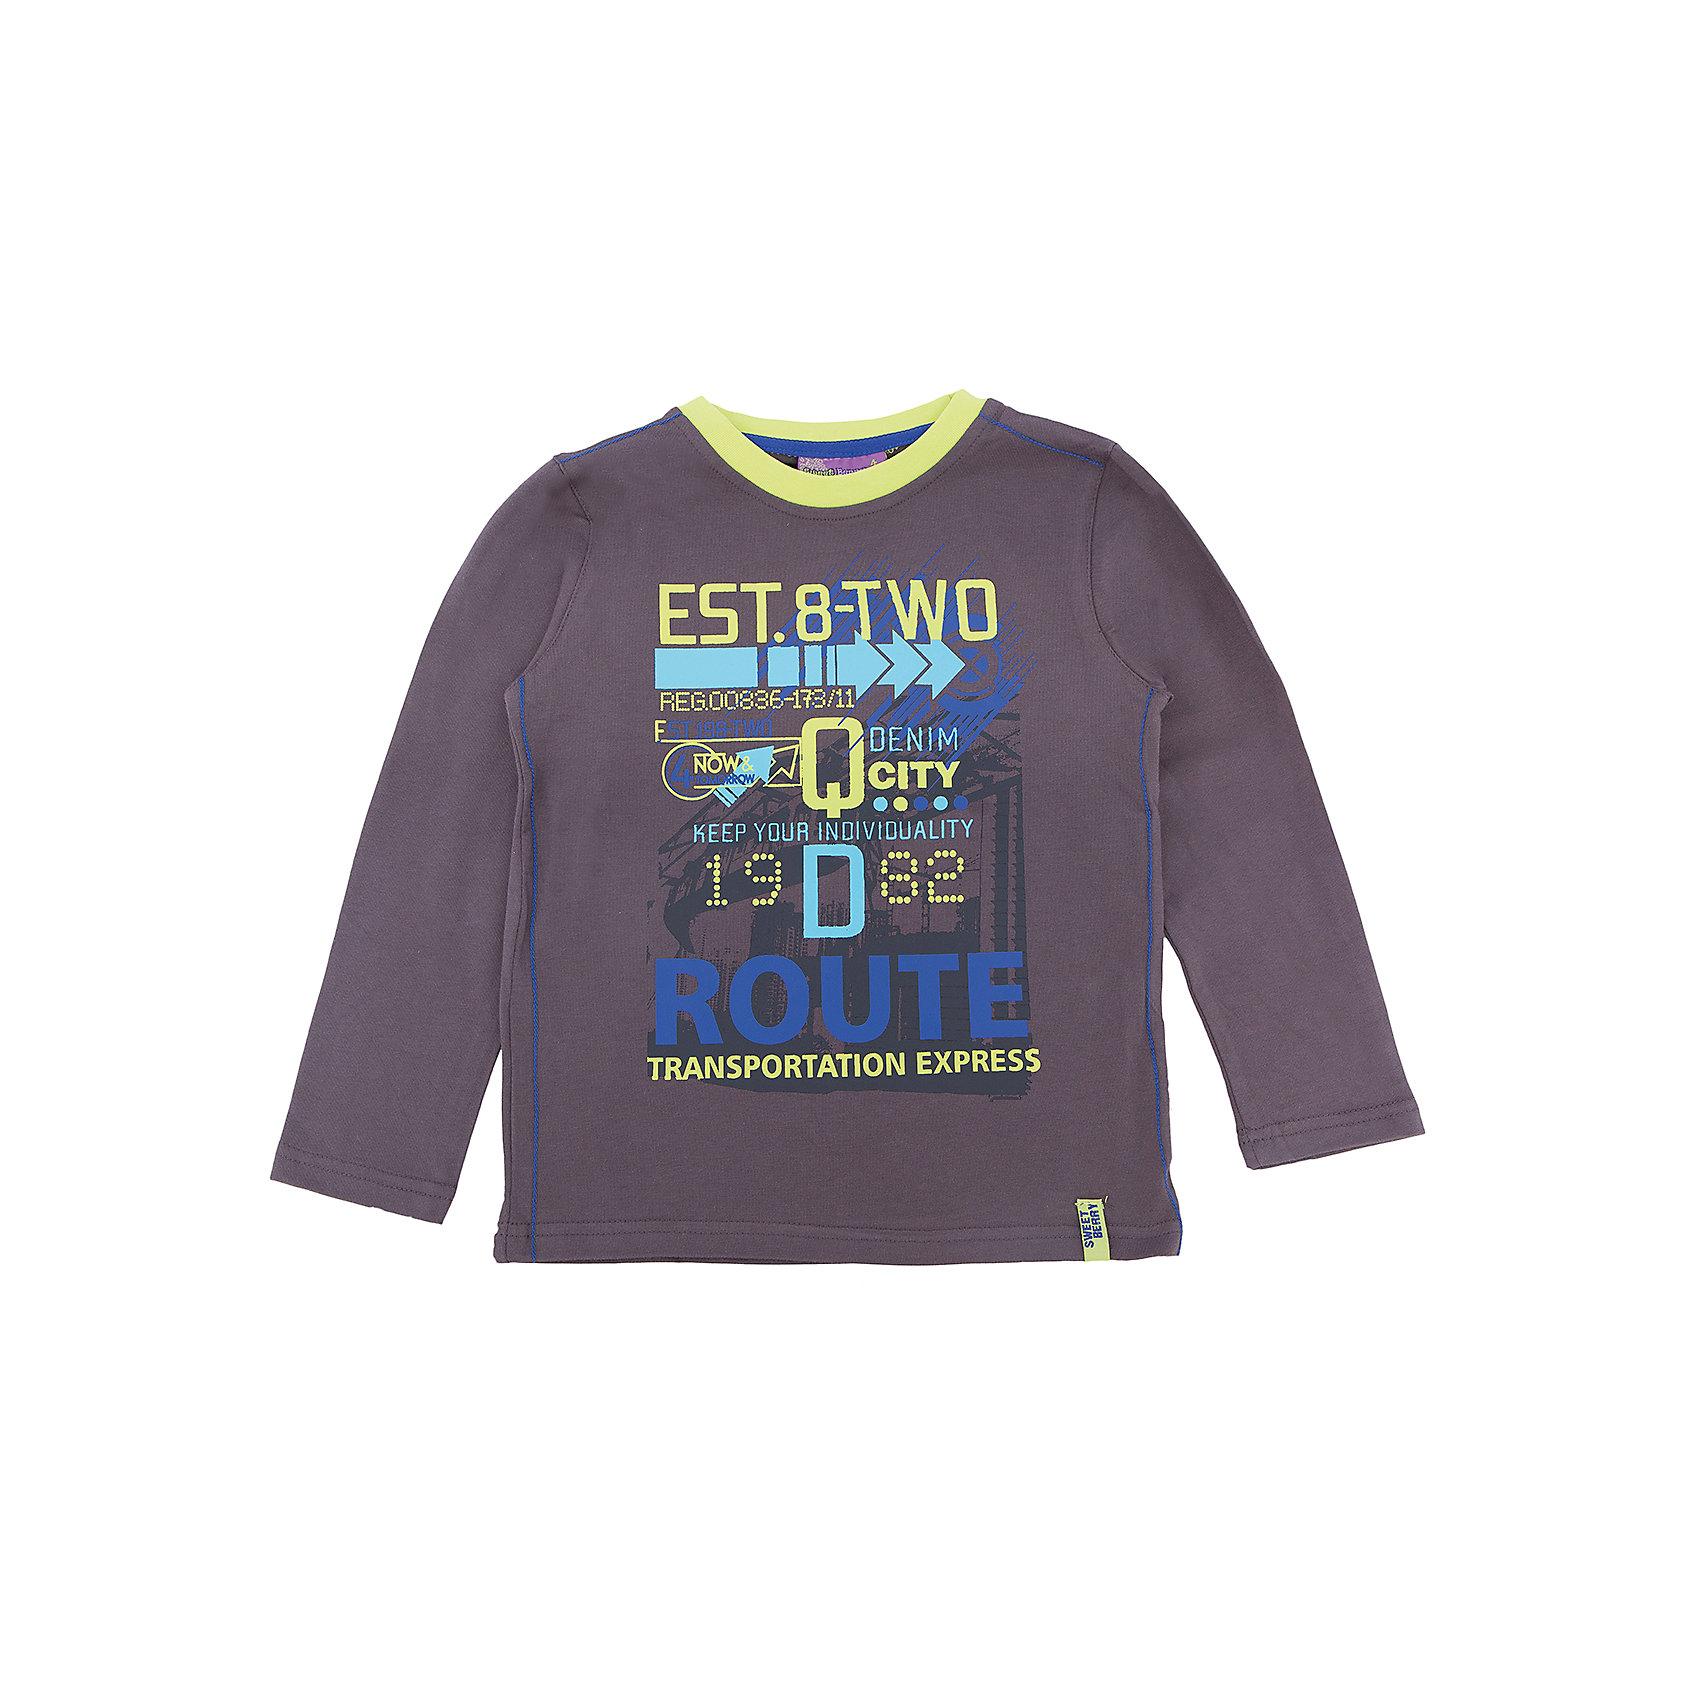 Футболка с длинным рукавом для мальчика Sweet BerryФутболки с длинным рукавом<br>Такая футболка с длинным рукавом для мальчика отличается модным дизайном с ярким принтом. Удачный крой обеспечит ребенку комфорт и тепло. Горловина изделия обработана мягкой резинкой, поэтому вещь плотно прилегает к телу там, где нужно, и отлично сидит по фигуре.<br>Одежда от бренда Sweet Berry - это простой и выгодный способ одеть ребенка удобно и стильно. Всё изделия тщательно проработаны: швы - прочные, материал - качественный, фурнитура - подобранная специально для детей. <br><br>Дополнительная информация:<br><br>цвет: серый;<br>материал: 95% хлопок, 5% эластан;<br>декорирована принтом.<br><br>Футболку с длинным рукавом для мальчика от бренда Sweet Berry можно купить в нашем интернет-магазине.<br><br>Ширина мм: 230<br>Глубина мм: 40<br>Высота мм: 220<br>Вес г: 250<br>Цвет: серый<br>Возраст от месяцев: 36<br>Возраст до месяцев: 48<br>Пол: Мужской<br>Возраст: Детский<br>Размер: 104,110,116,122,128,98<br>SKU: 4930704